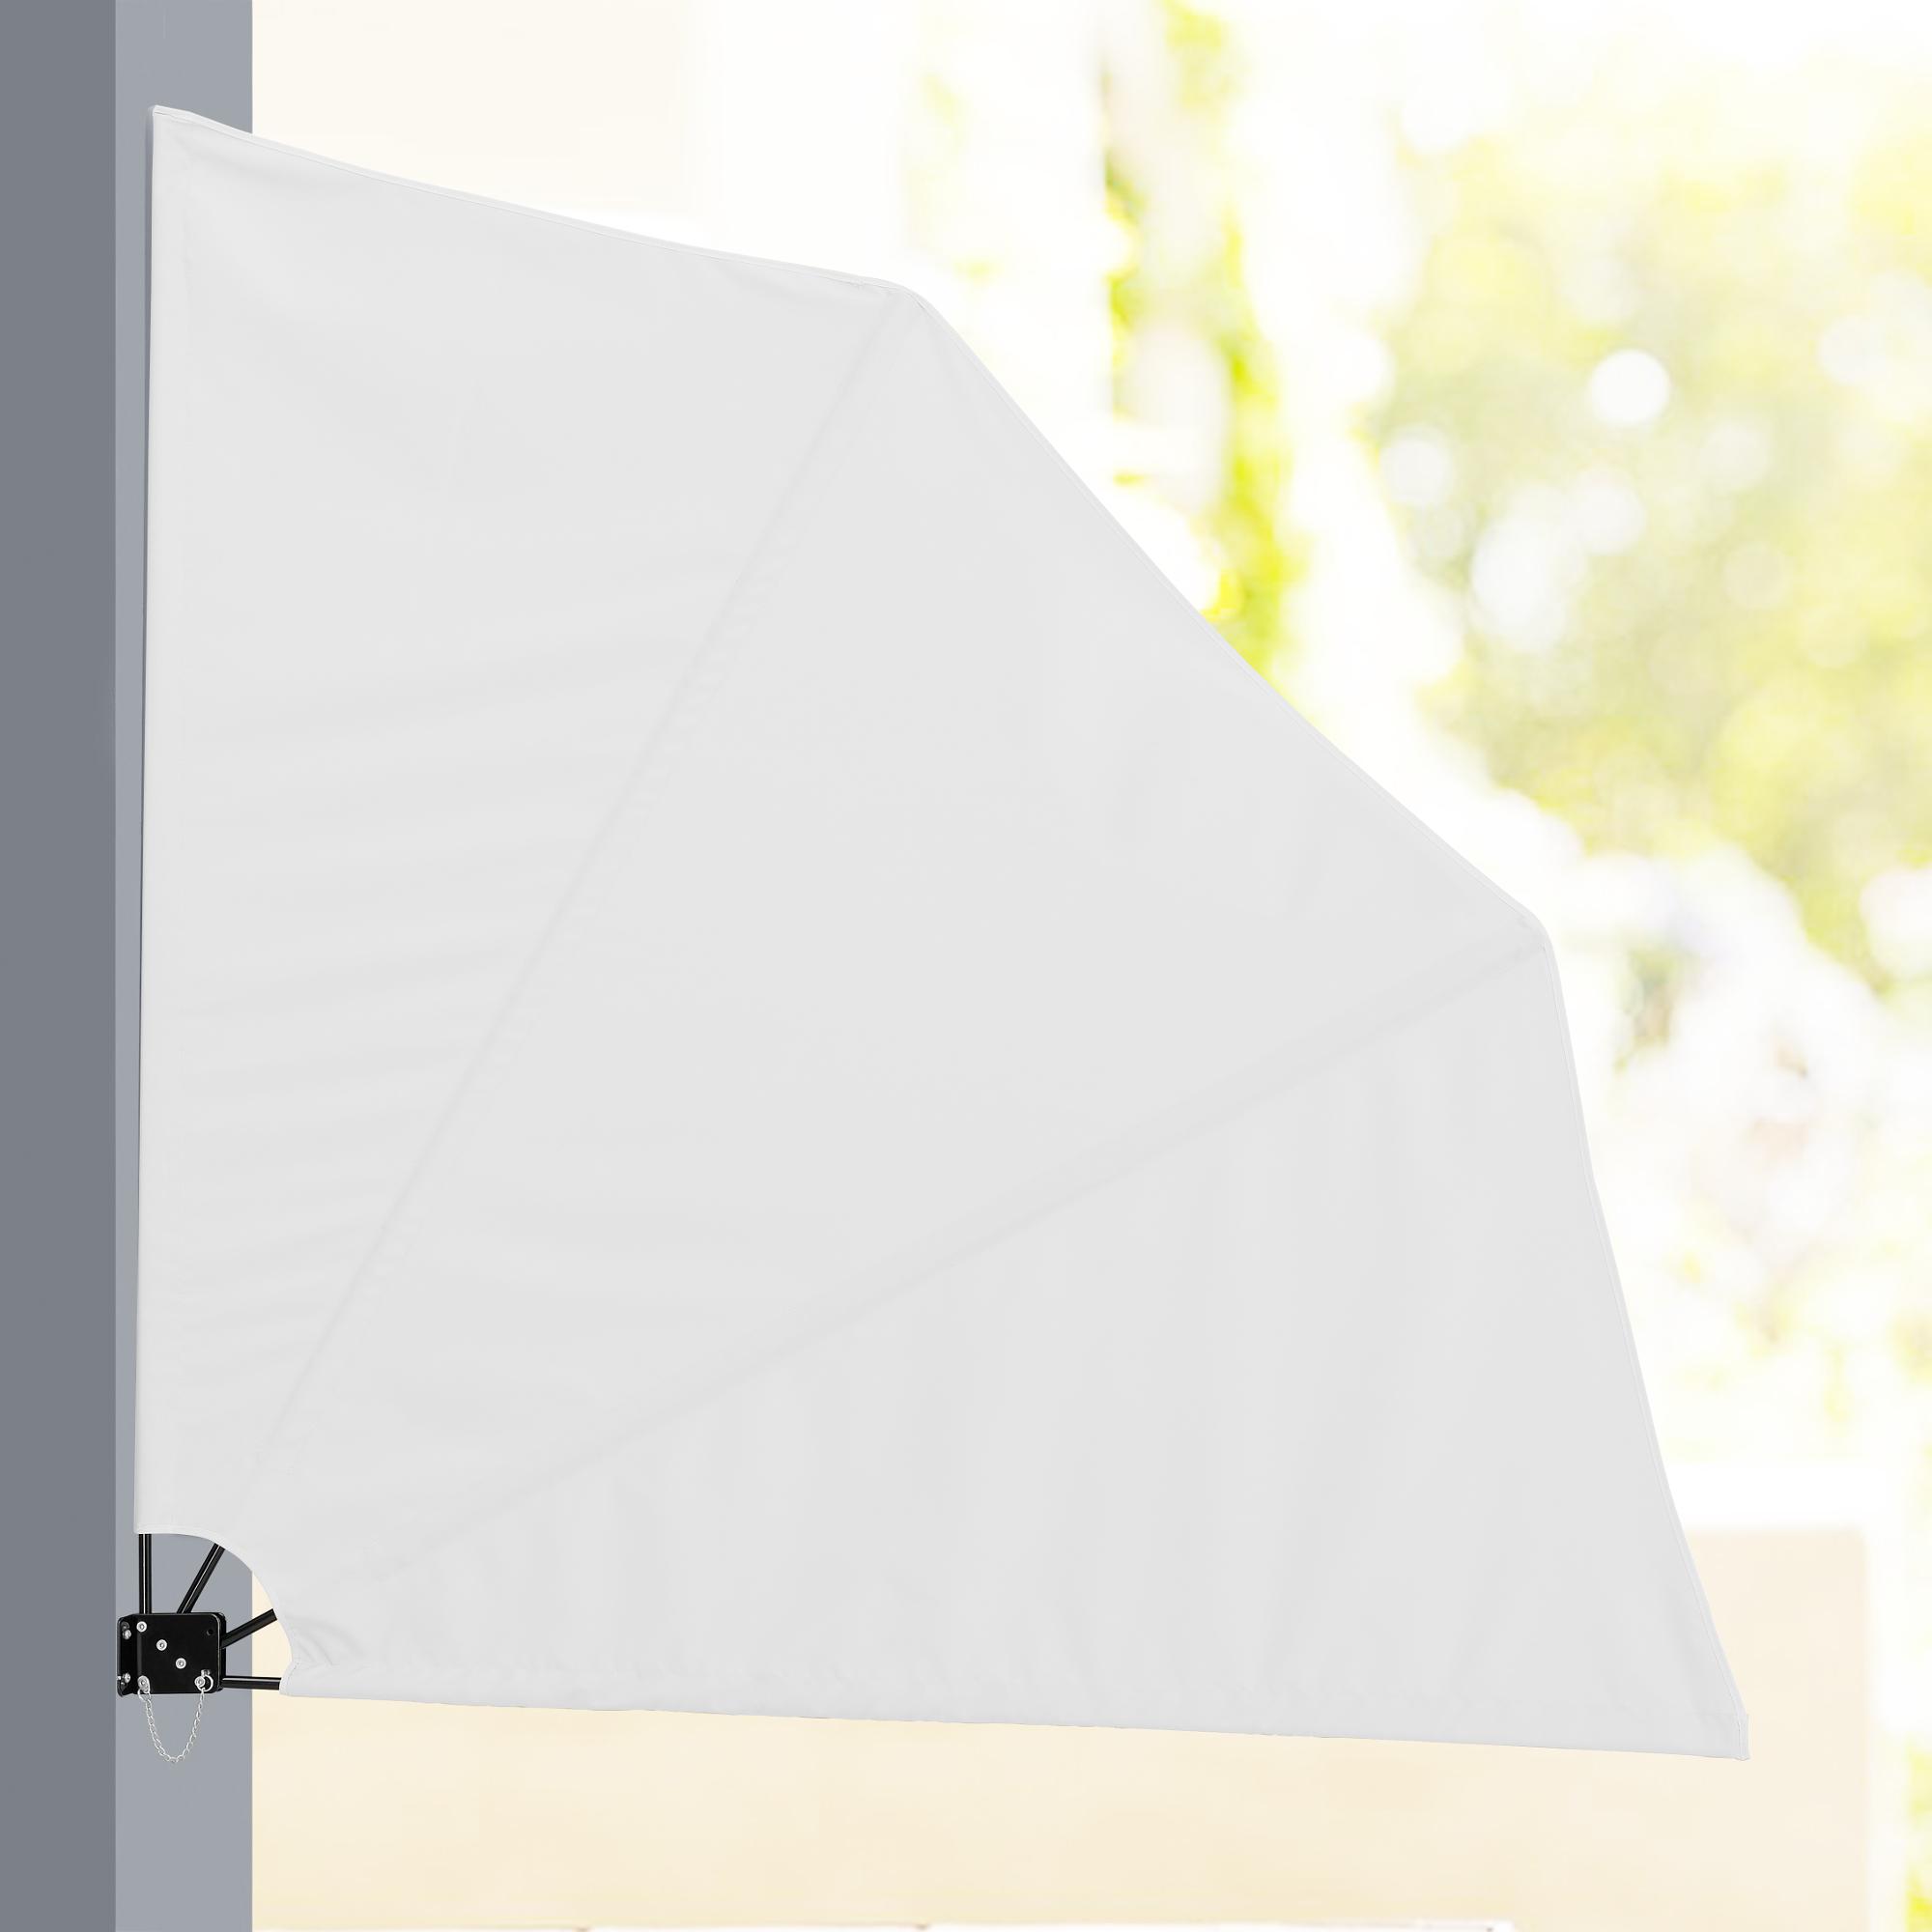 Eventail pour balcon brise vue gris beige - Brise vue eventail ...